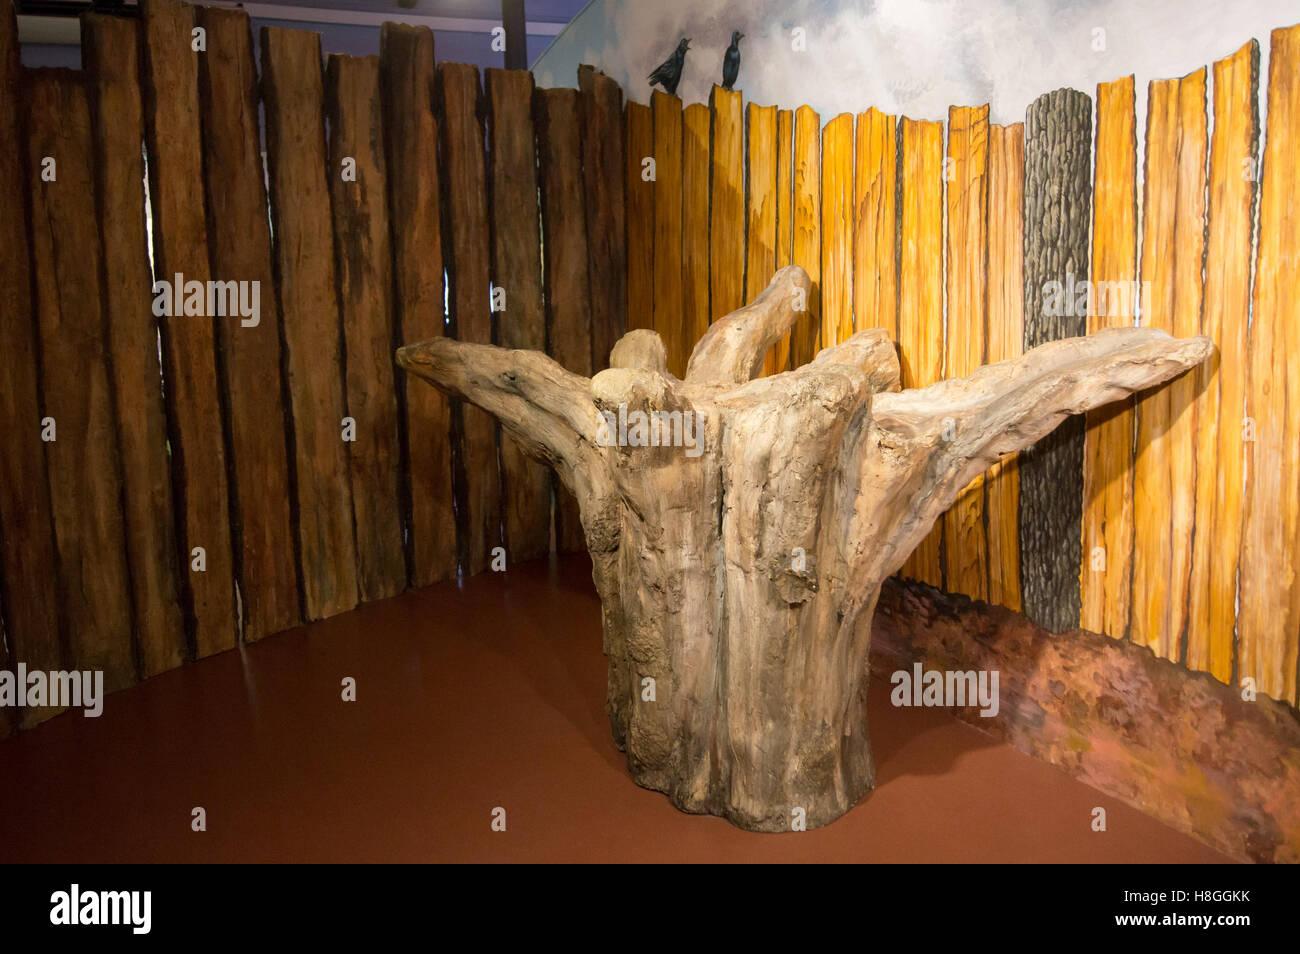 cast-replica-of-seahenge-prehistoric-tree-stump-kings-lynn-museum-H8GGKK.jpg